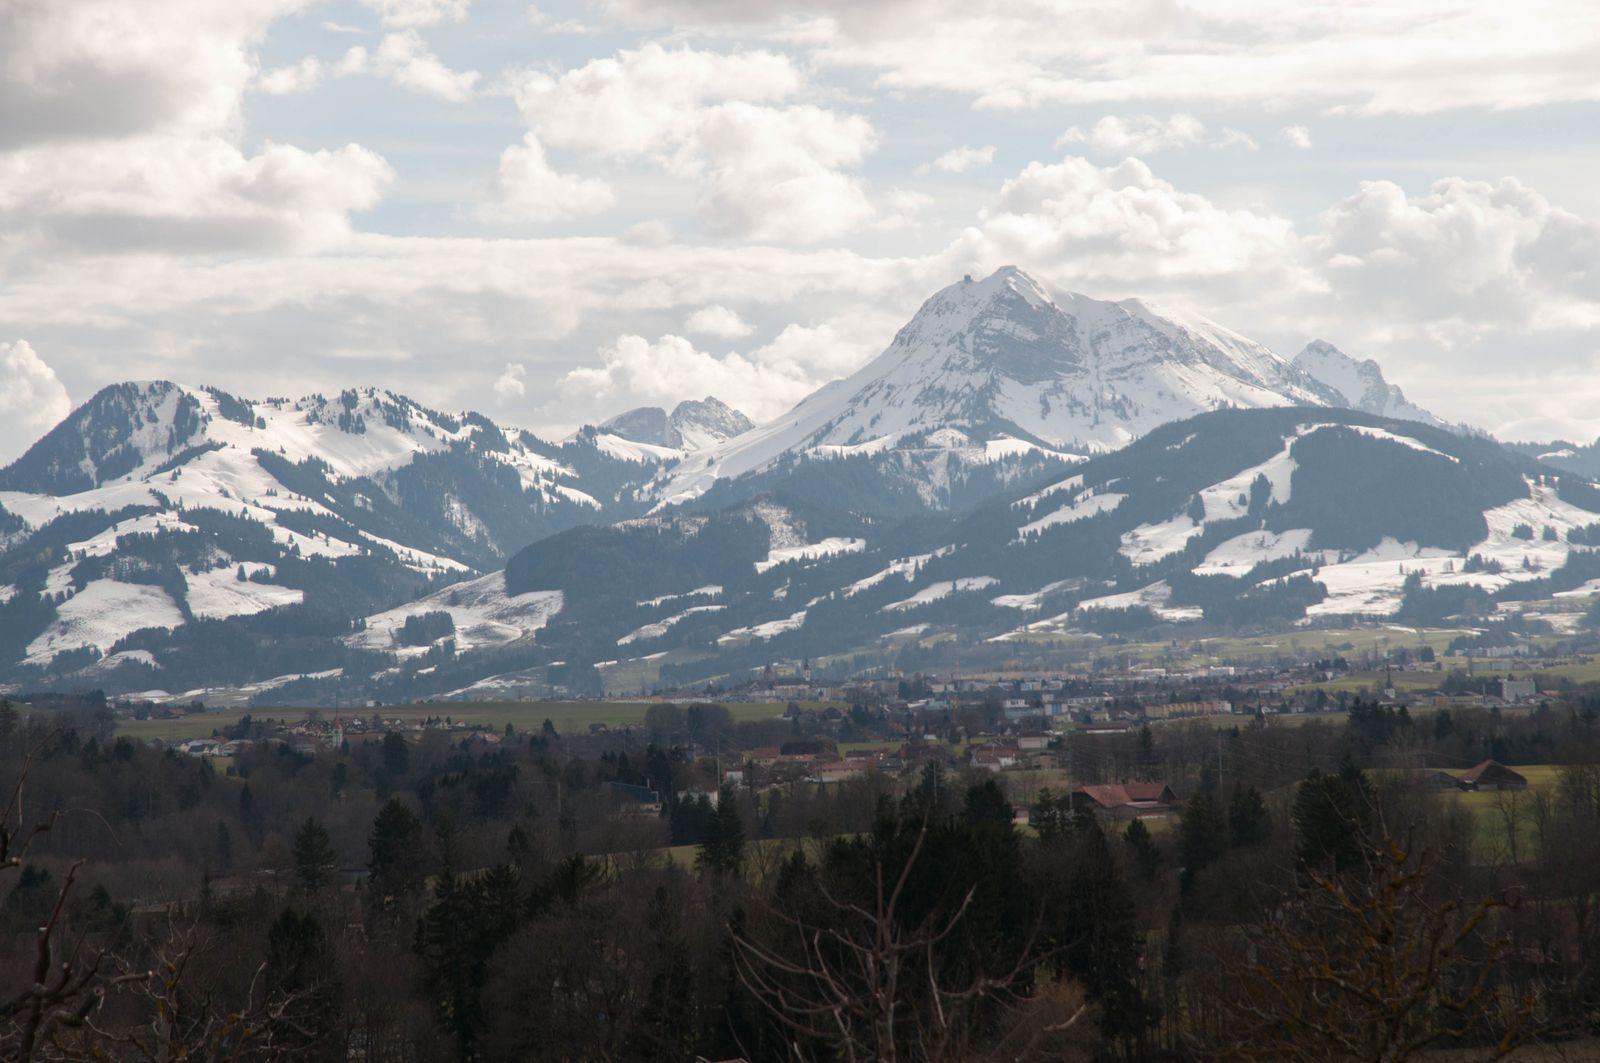 les montagnes Suisses vues de l'aire de repos de La Gruyère